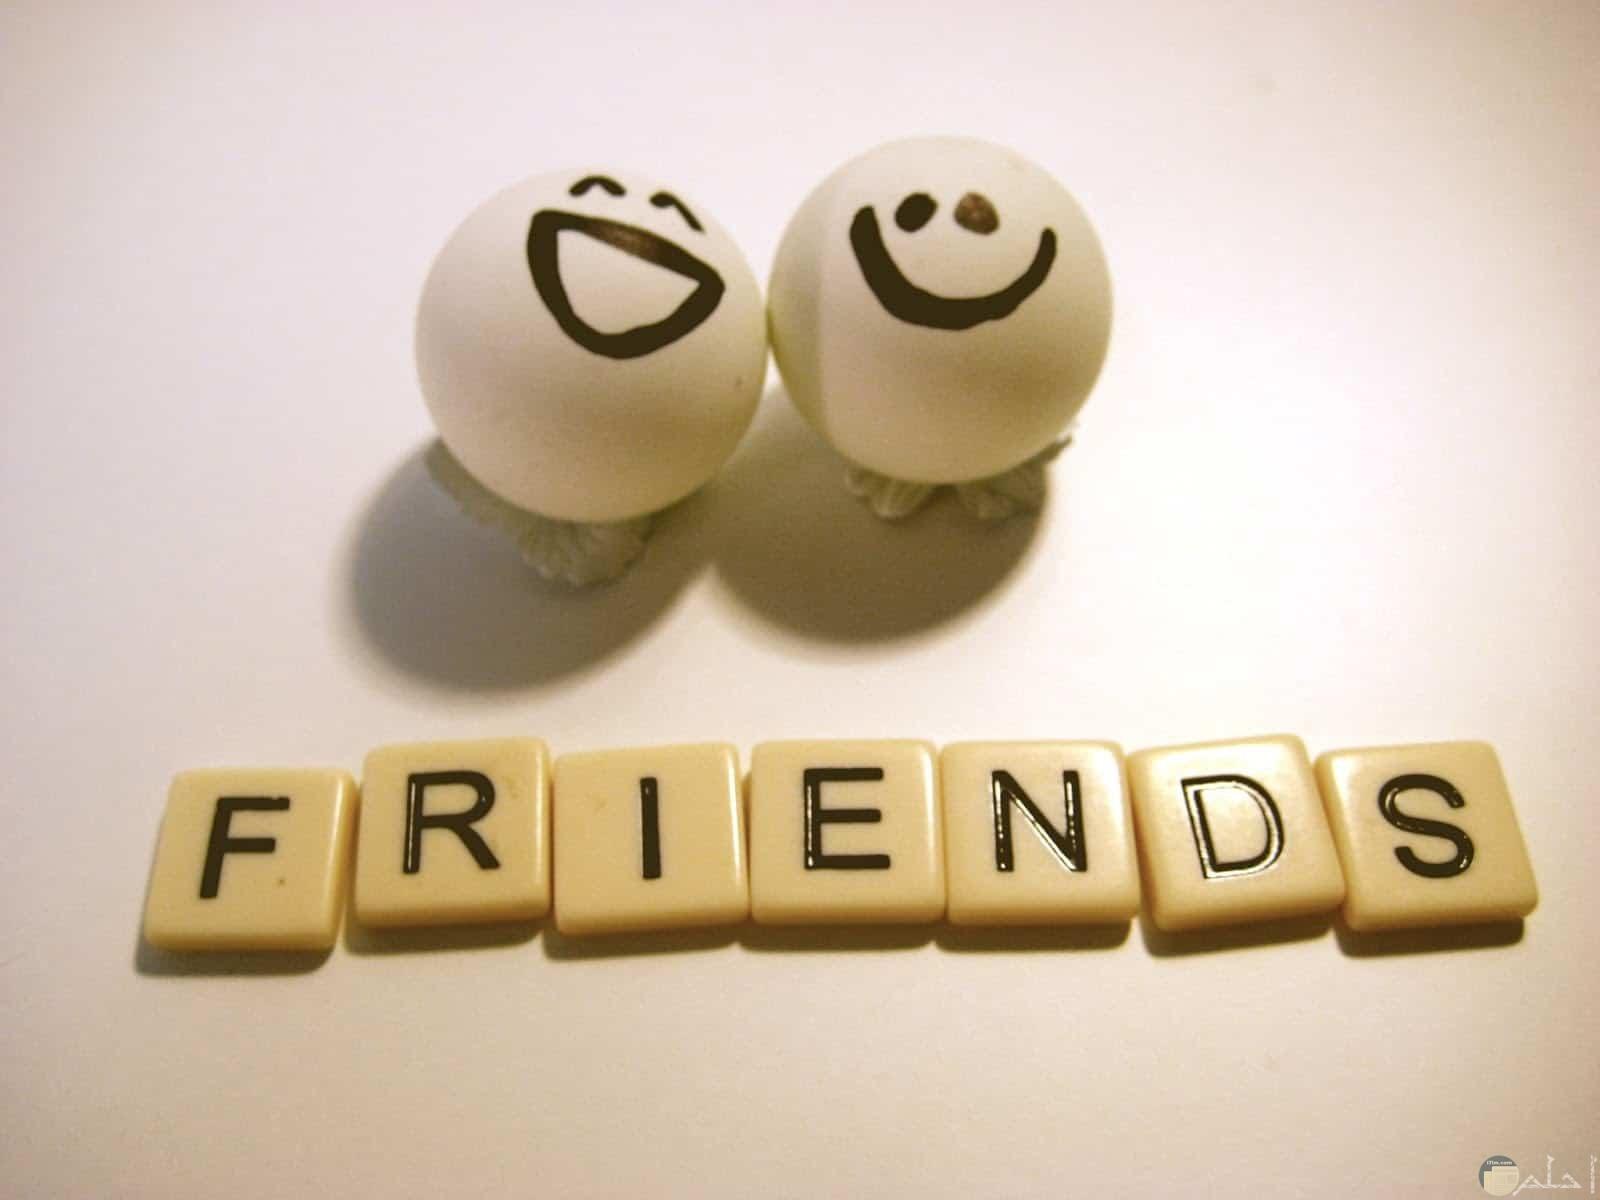 احدث تصميم لكلمة اصدقاء friends